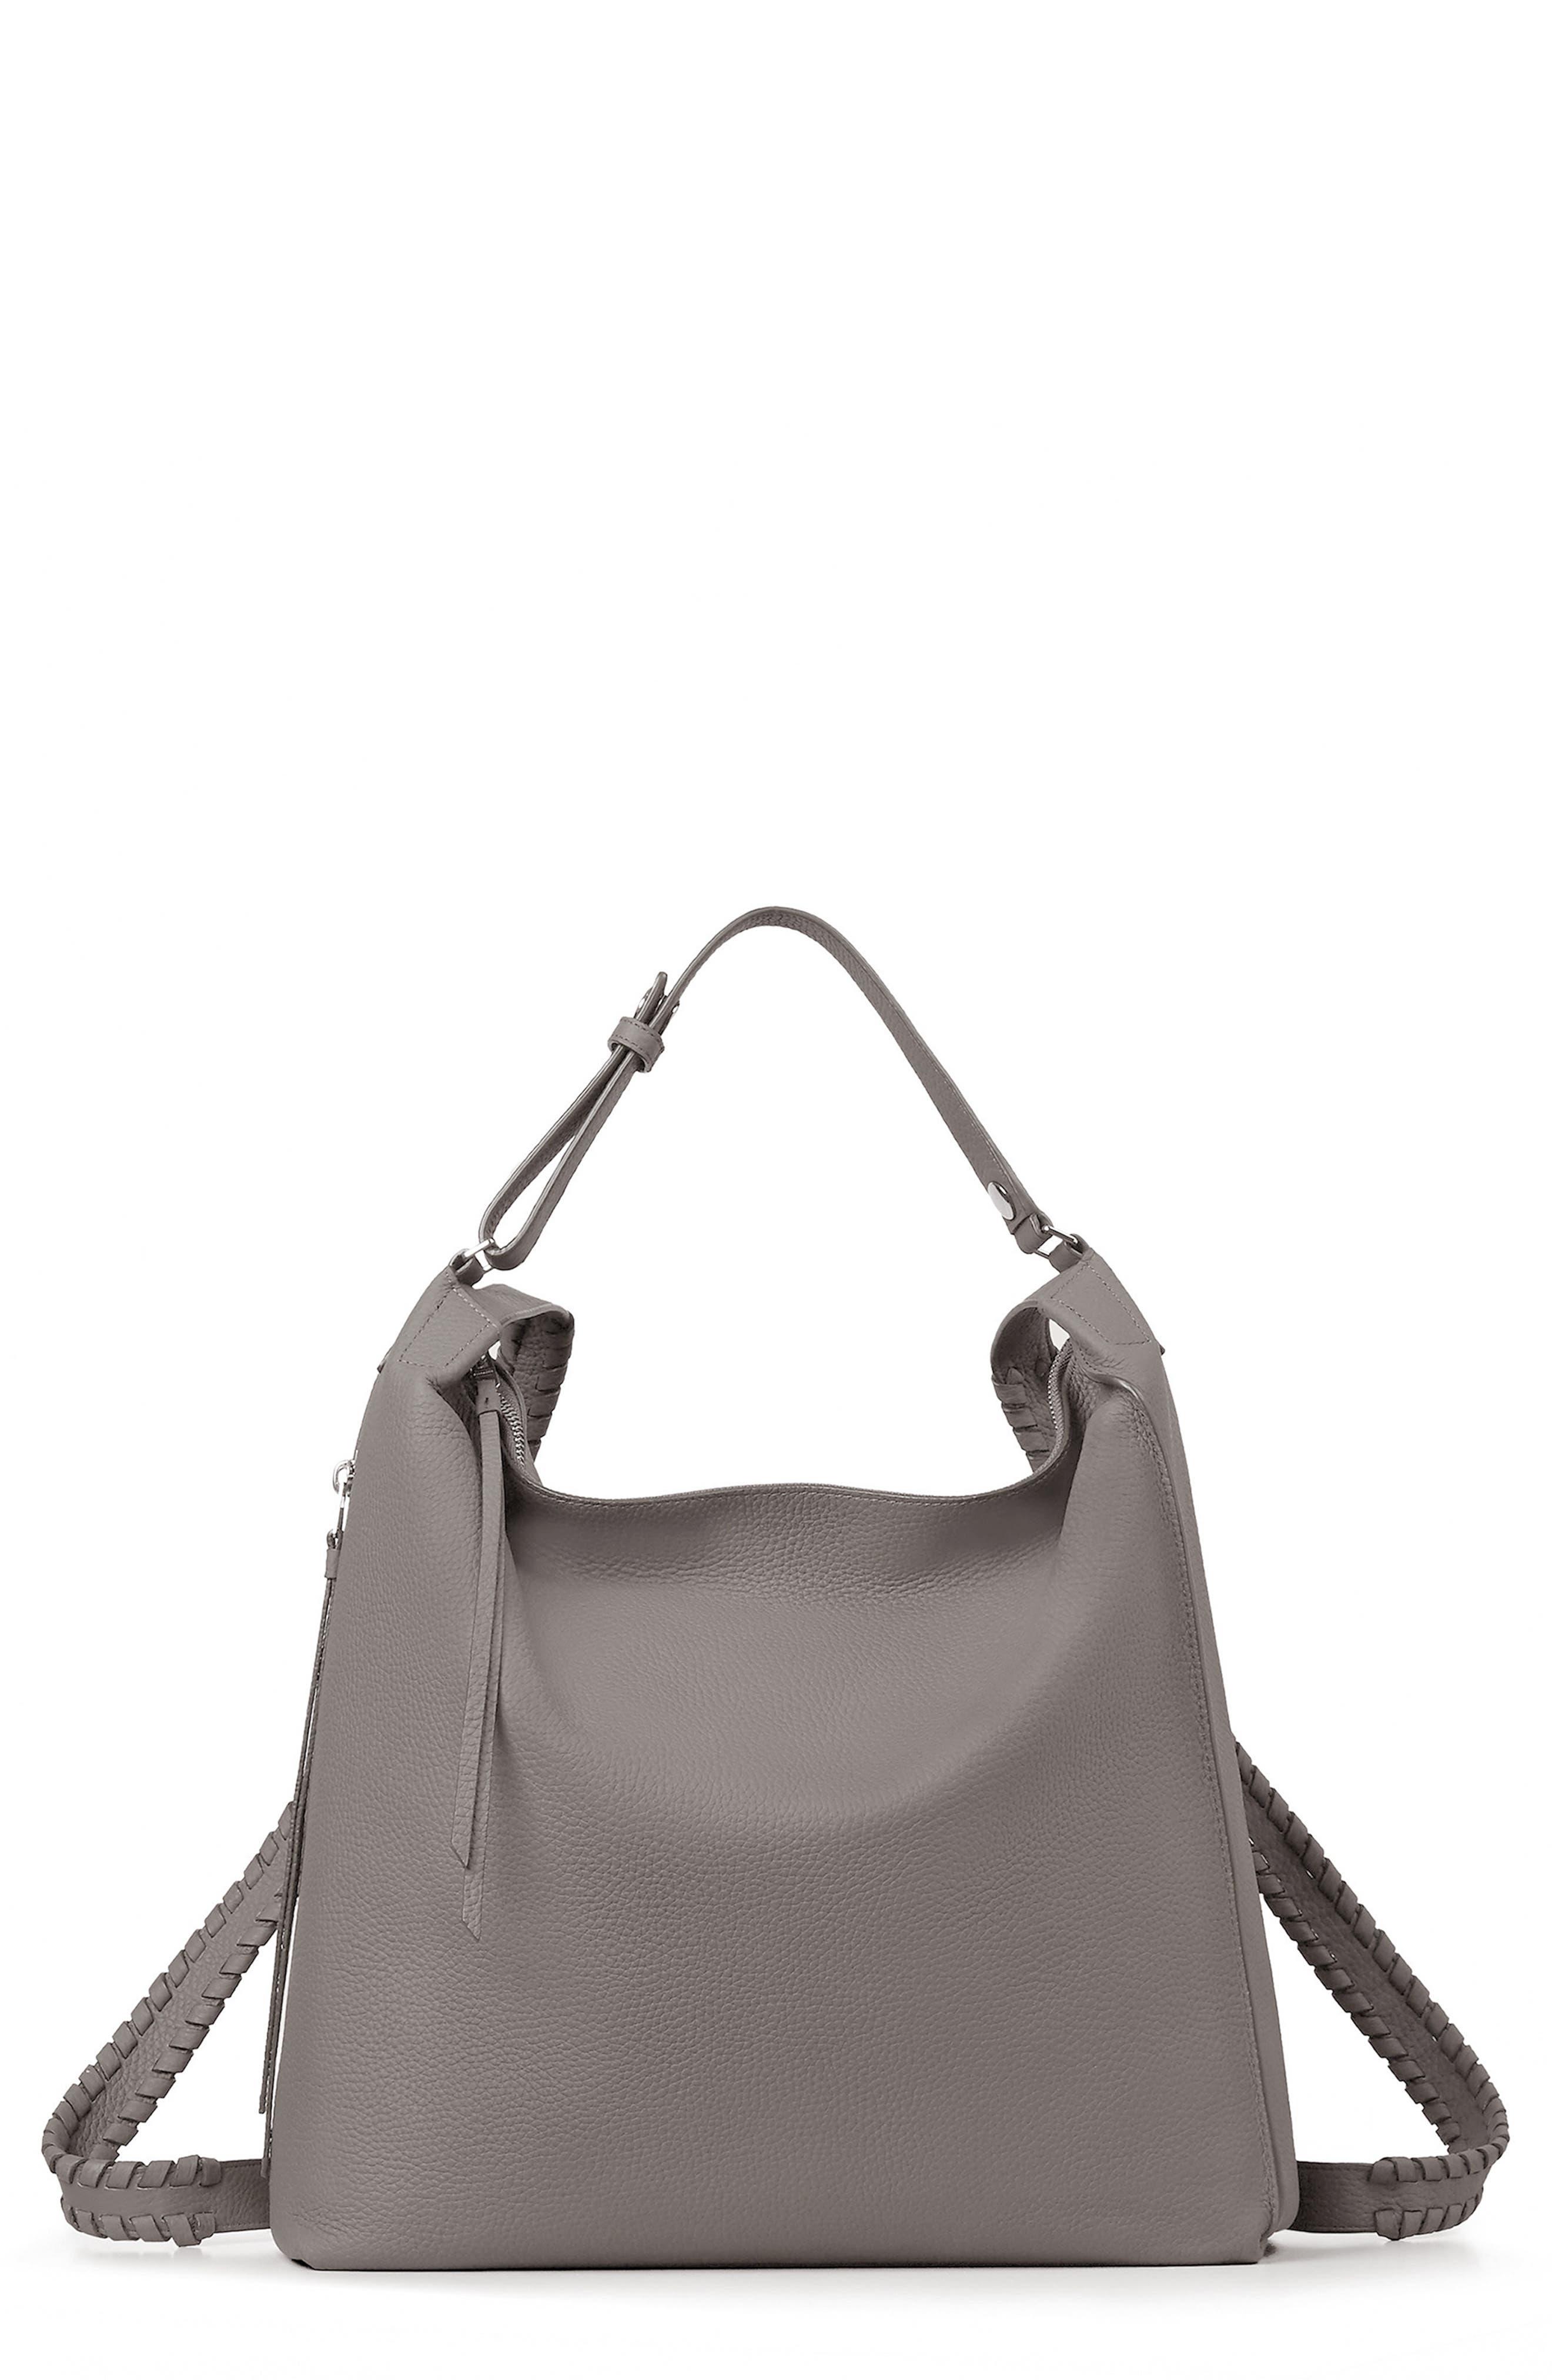 Kita Convertible Leather Backpack,                             Main thumbnail 1, color,                             STORM GREY